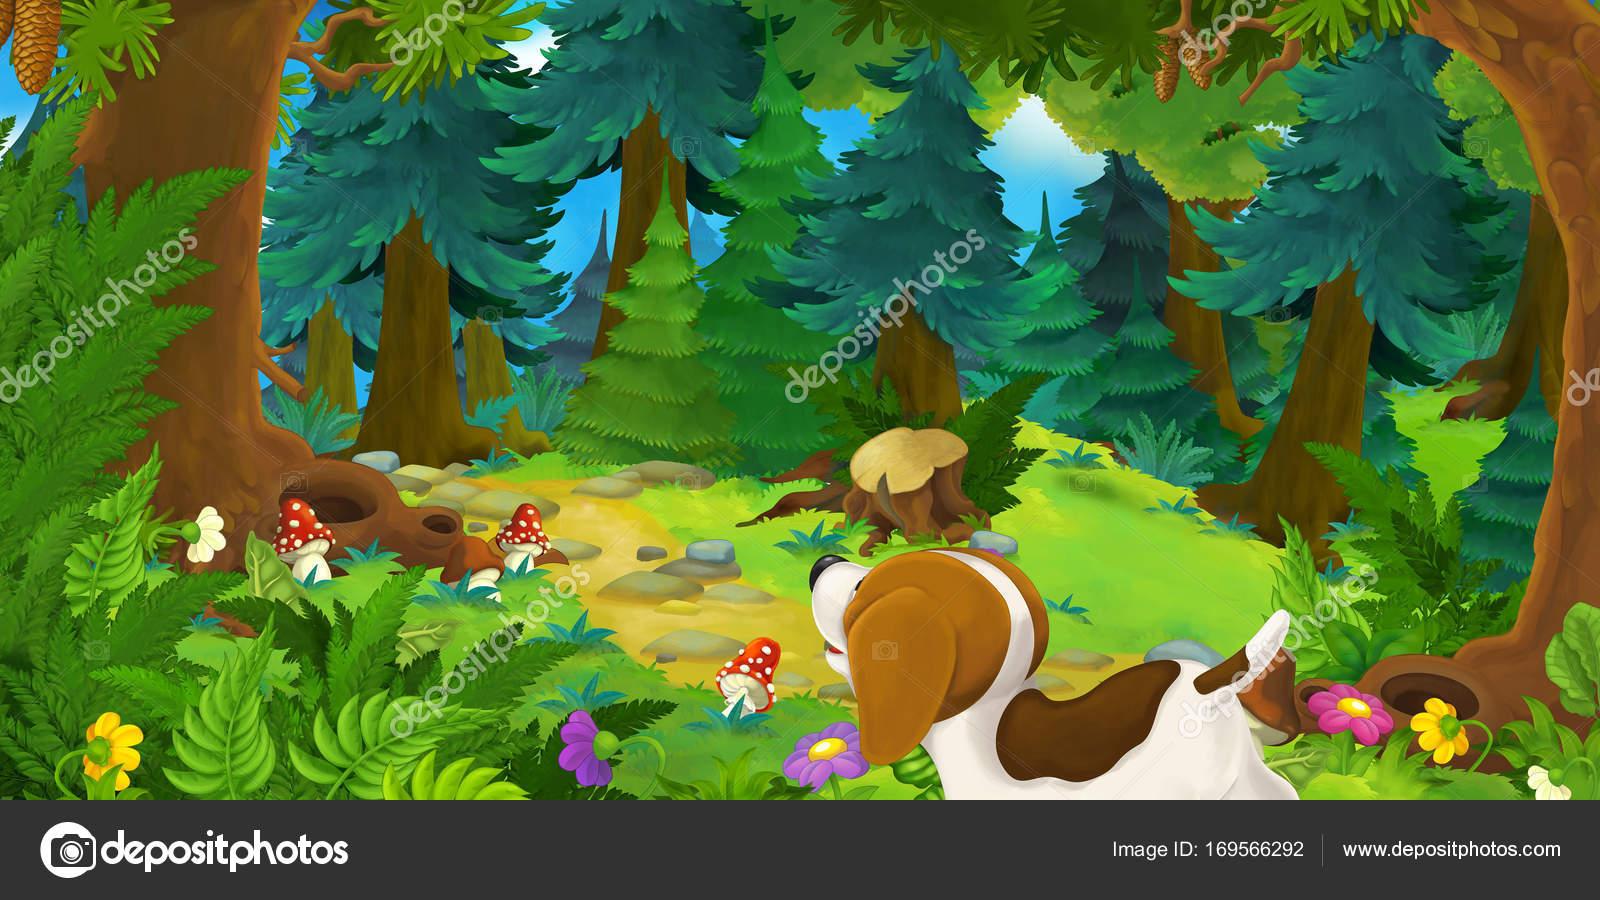 森のかわいい犬 子供用のカラフルなイラストと漫画のシーン ストック